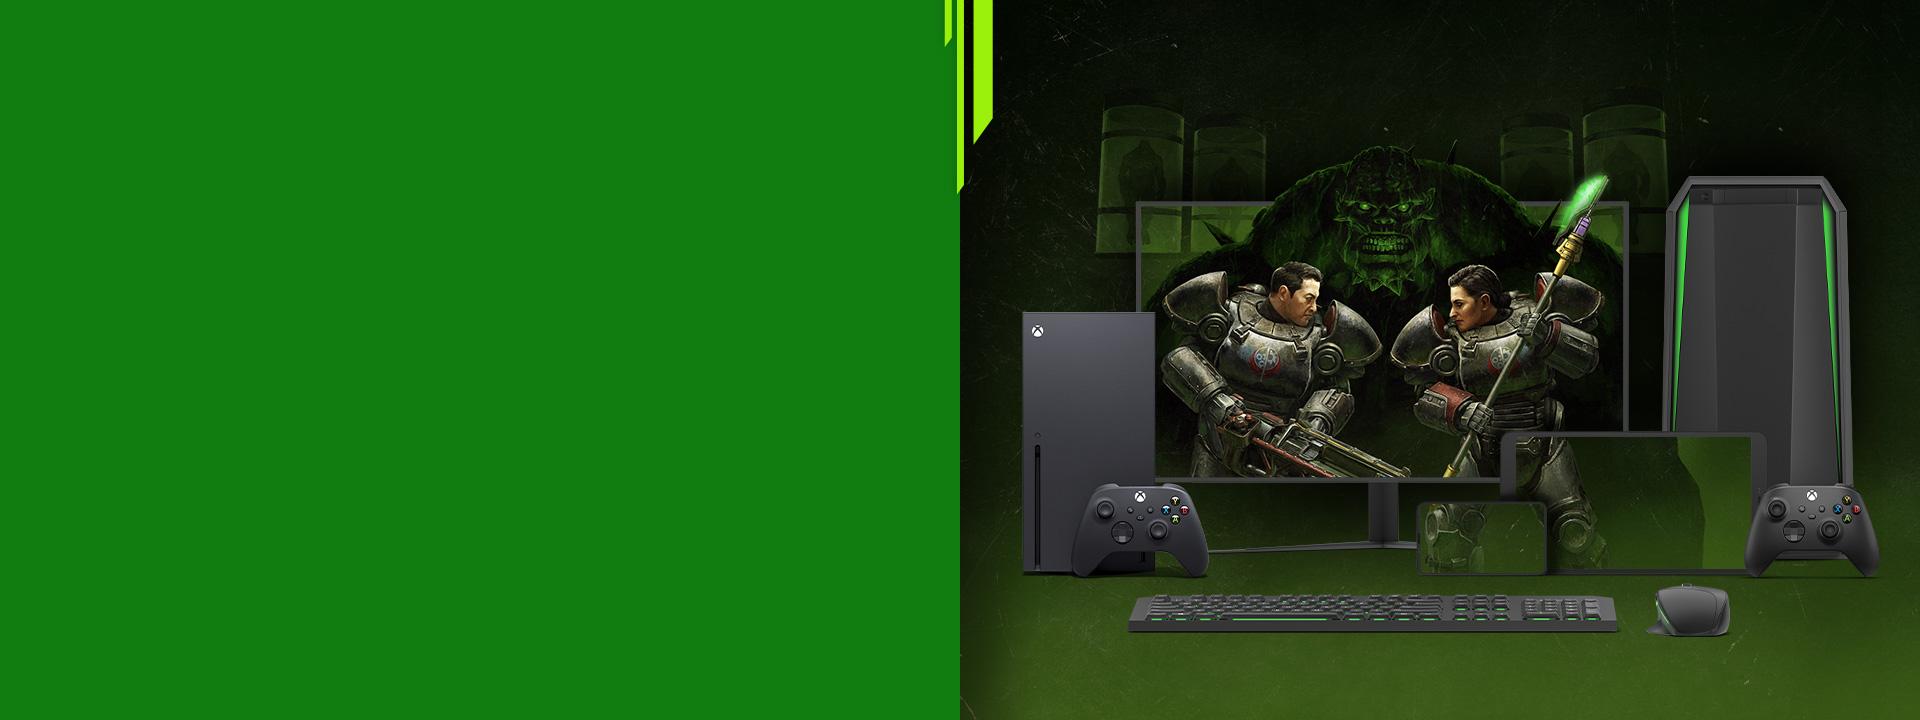 Viaceré inteligentné zariadenia s grafikou z hry Fallout 76 na obrazovke.